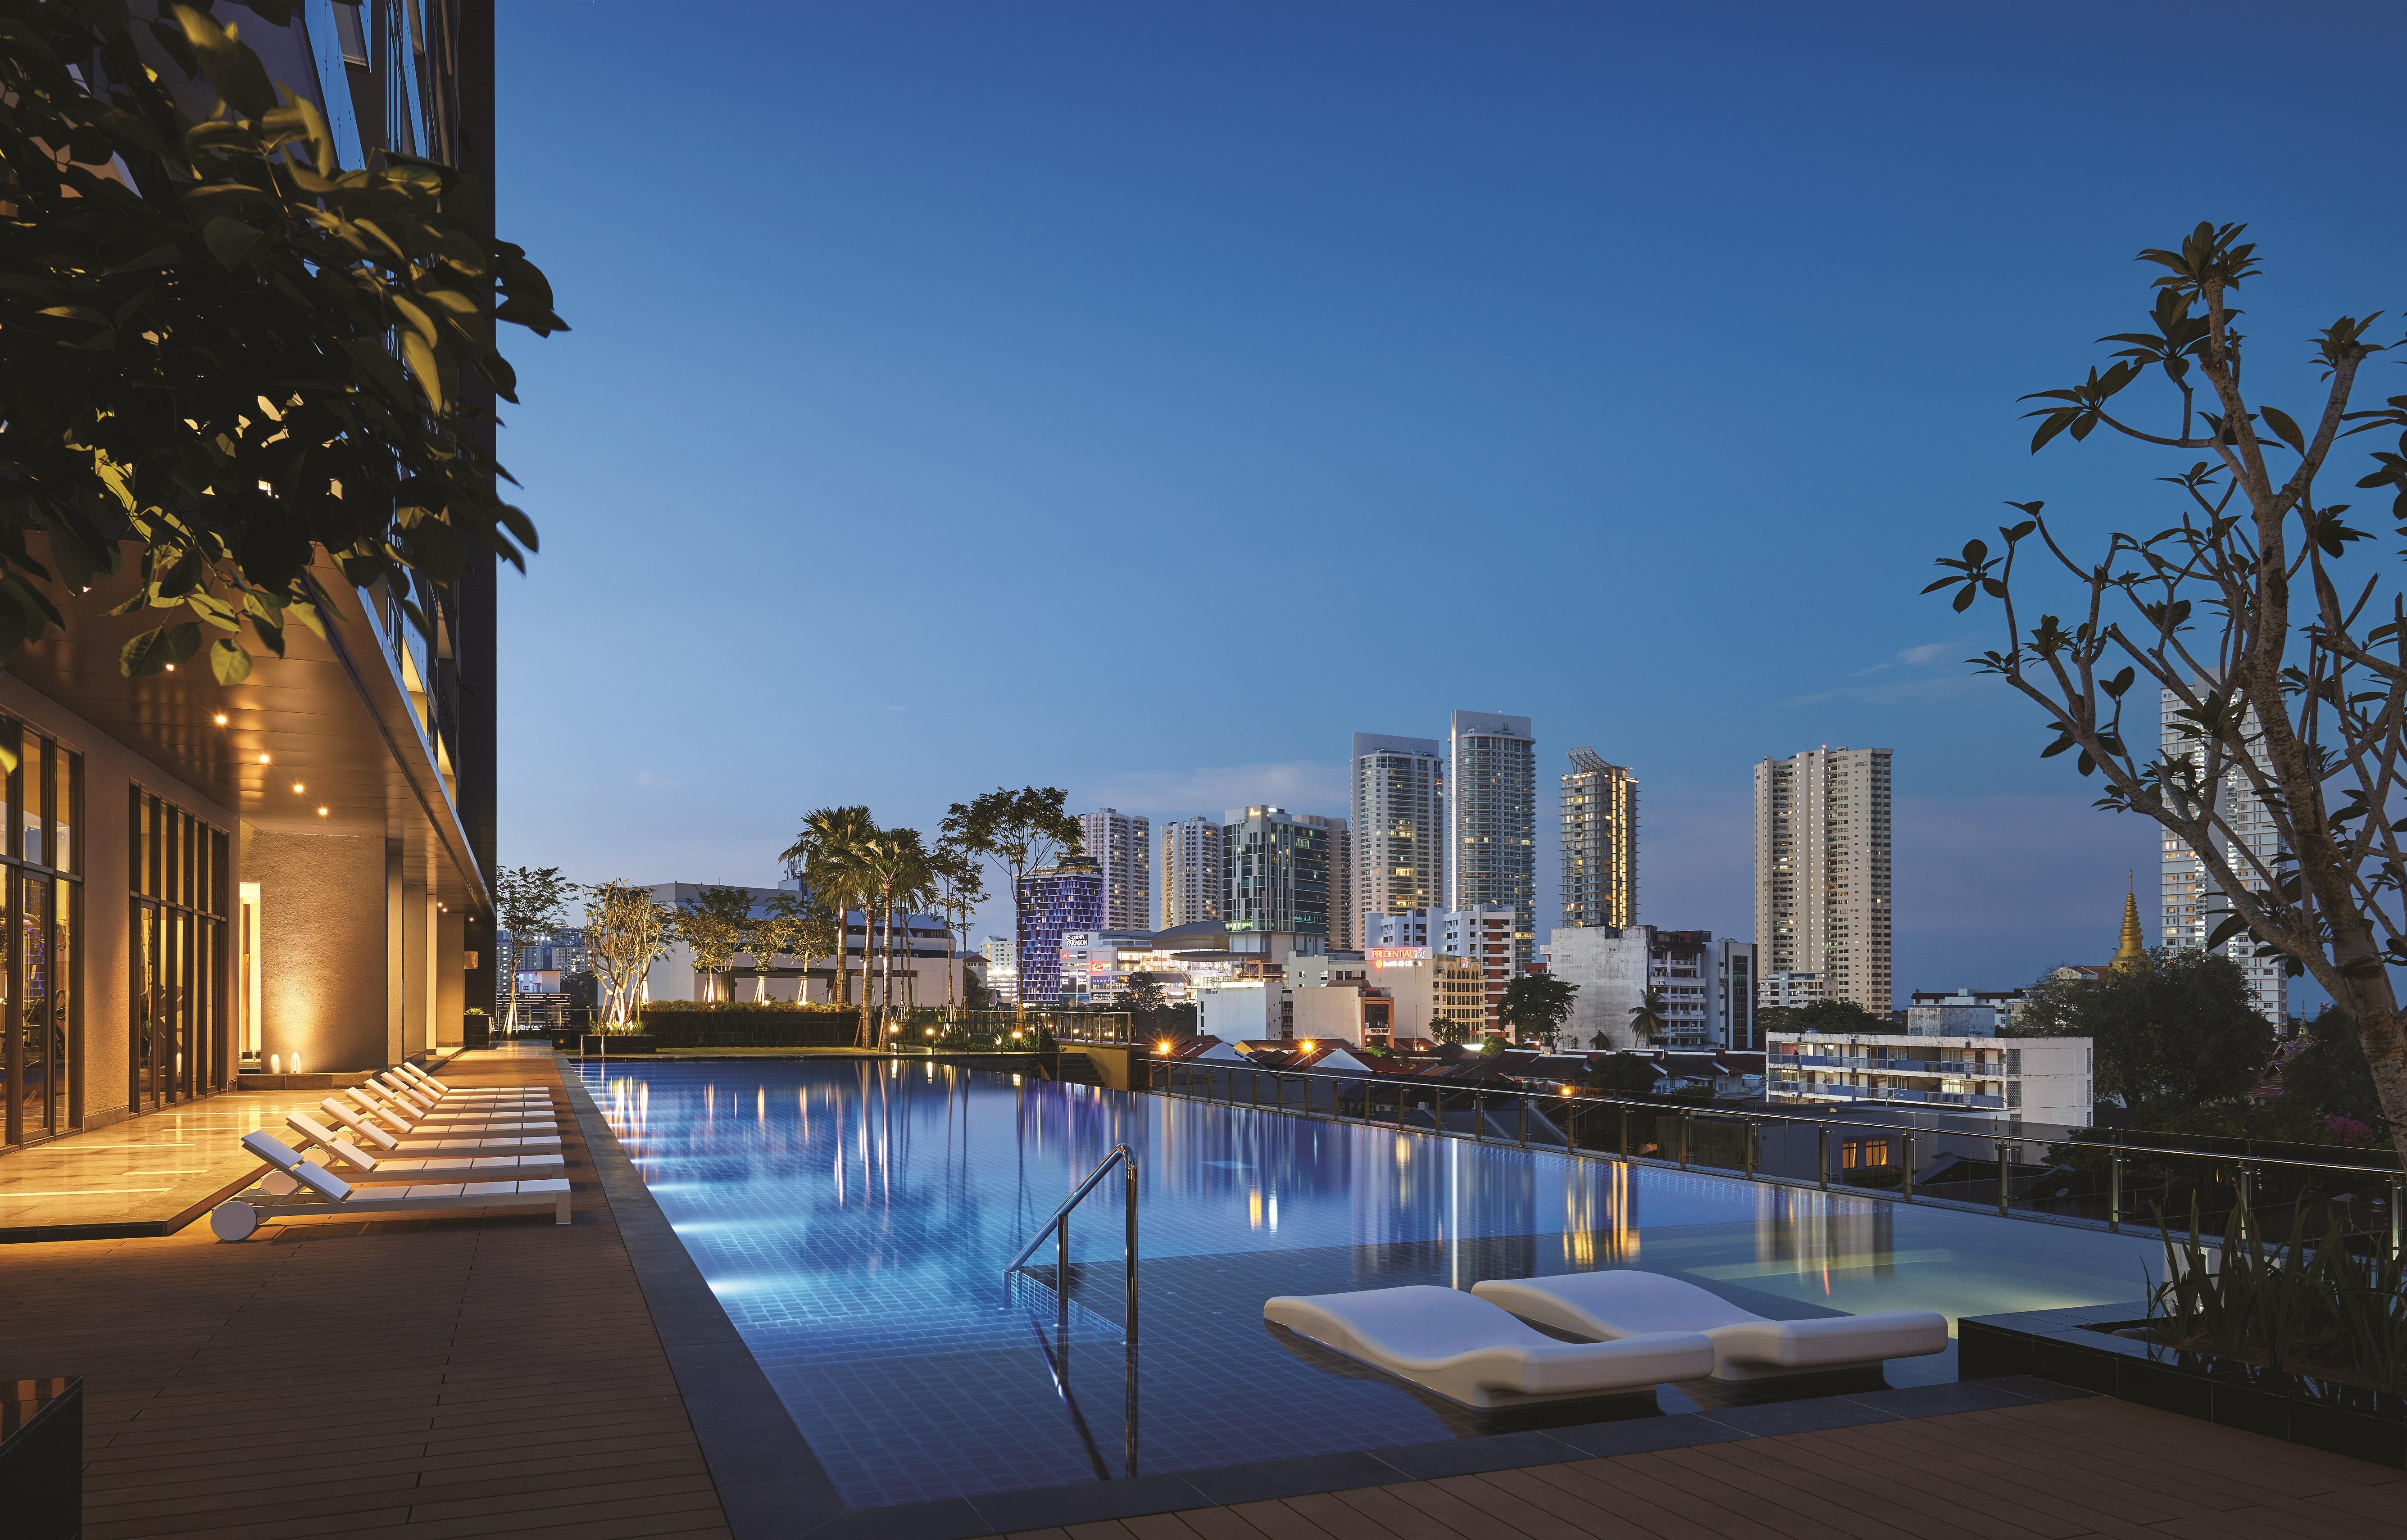 天池泳池,同时享受埋葛尼的摩天大廈